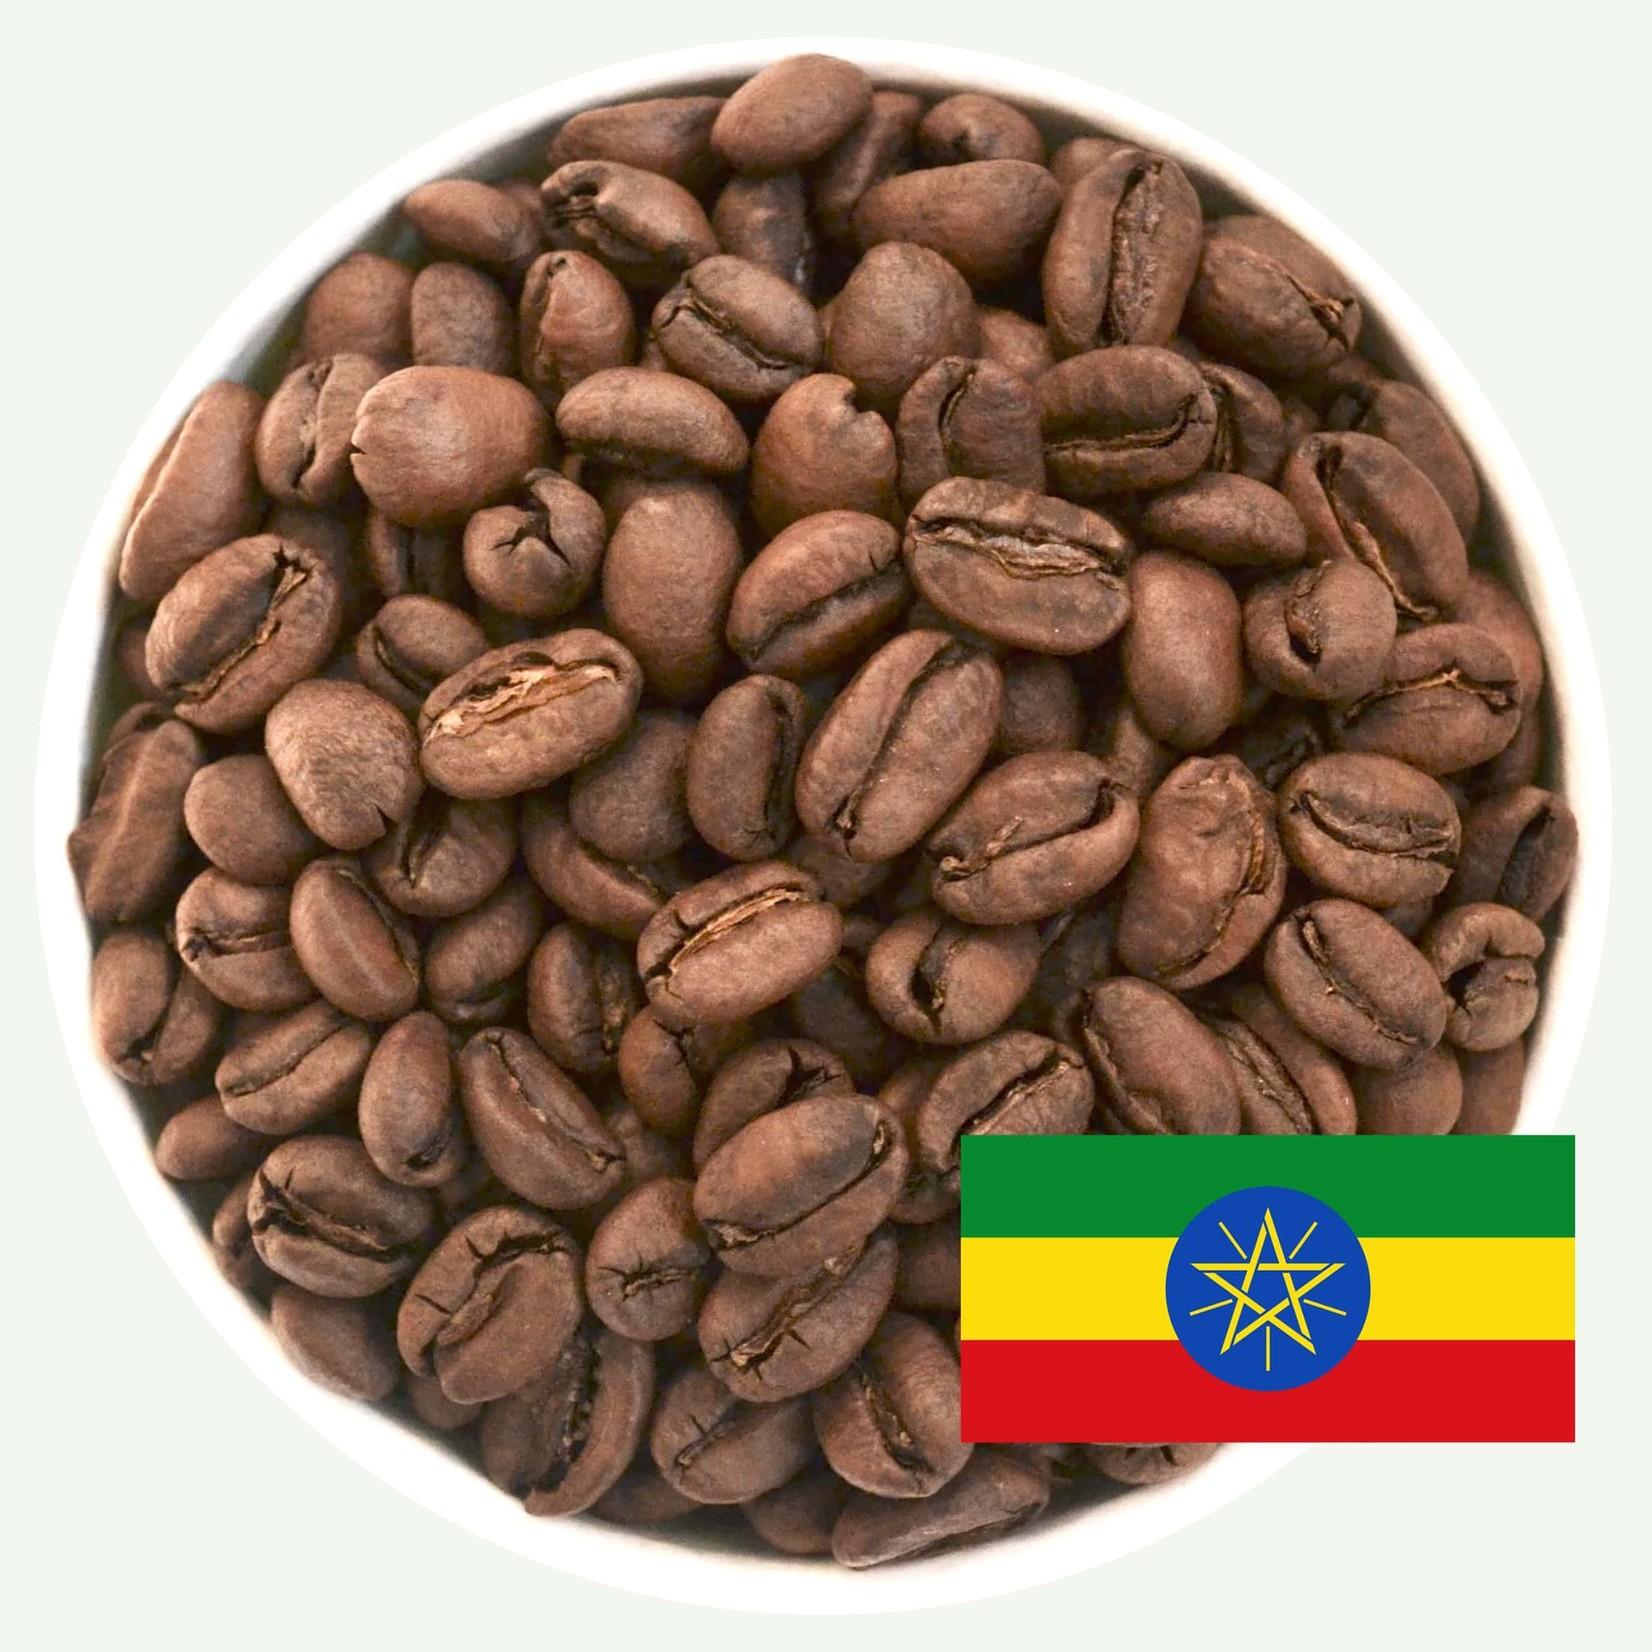 Koffiebranderij Sao Paulo Ethiopië 'Ture Waji' The king of Guji